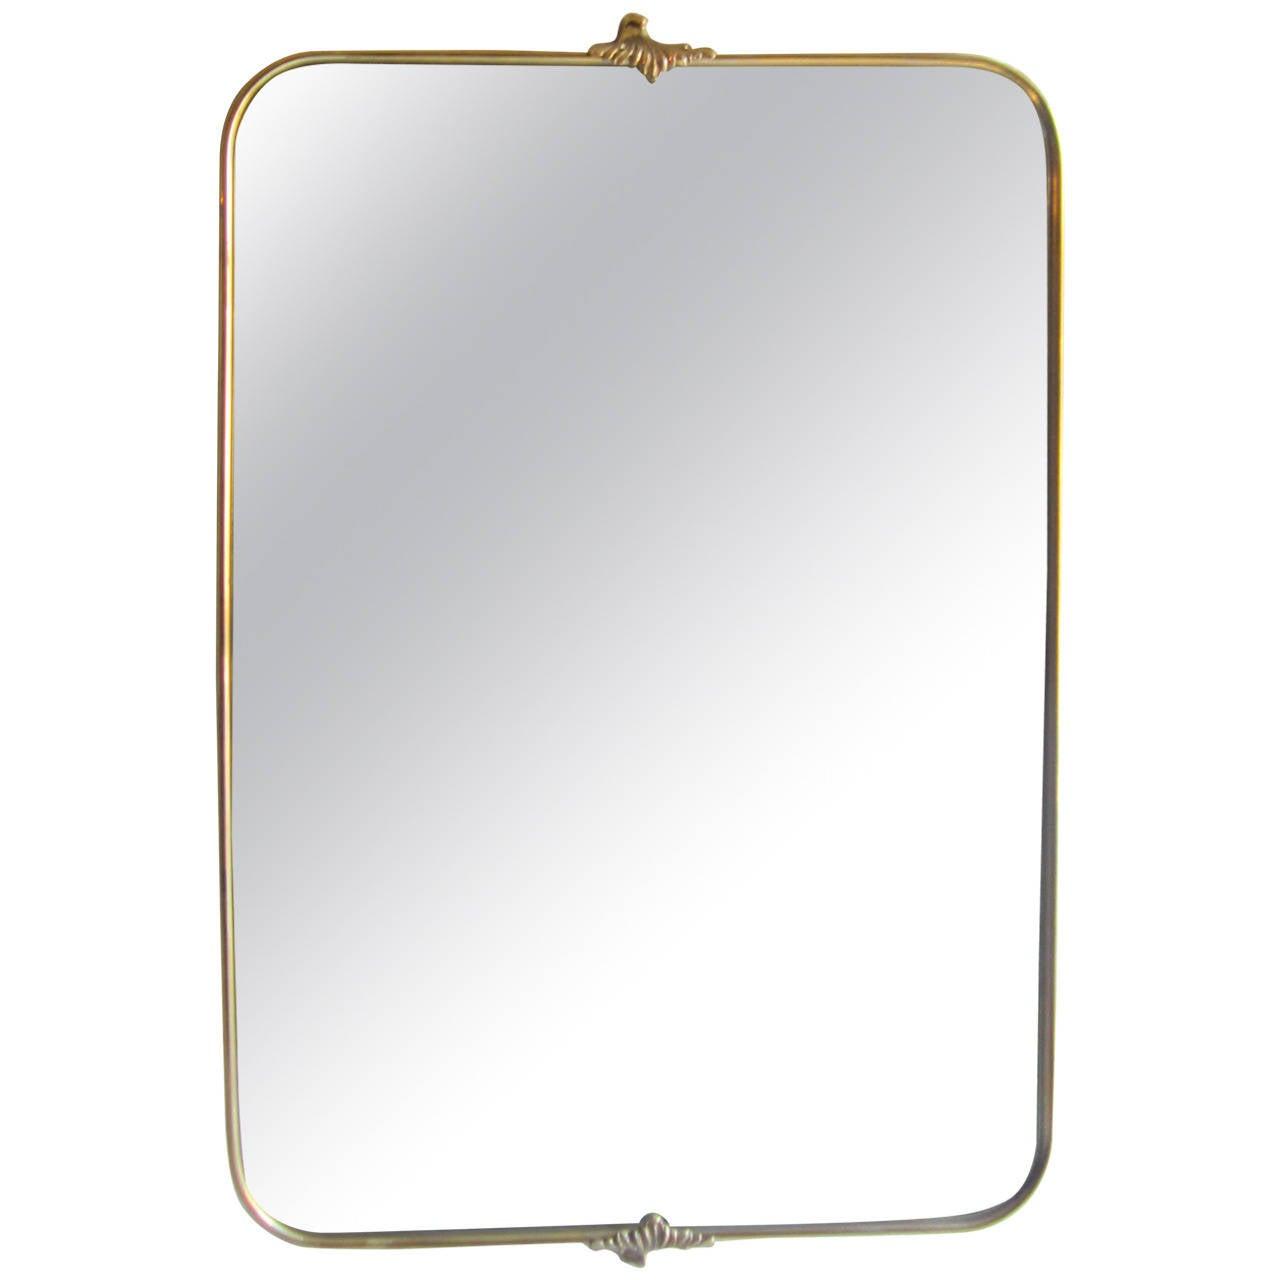 Twig Framed Mirror